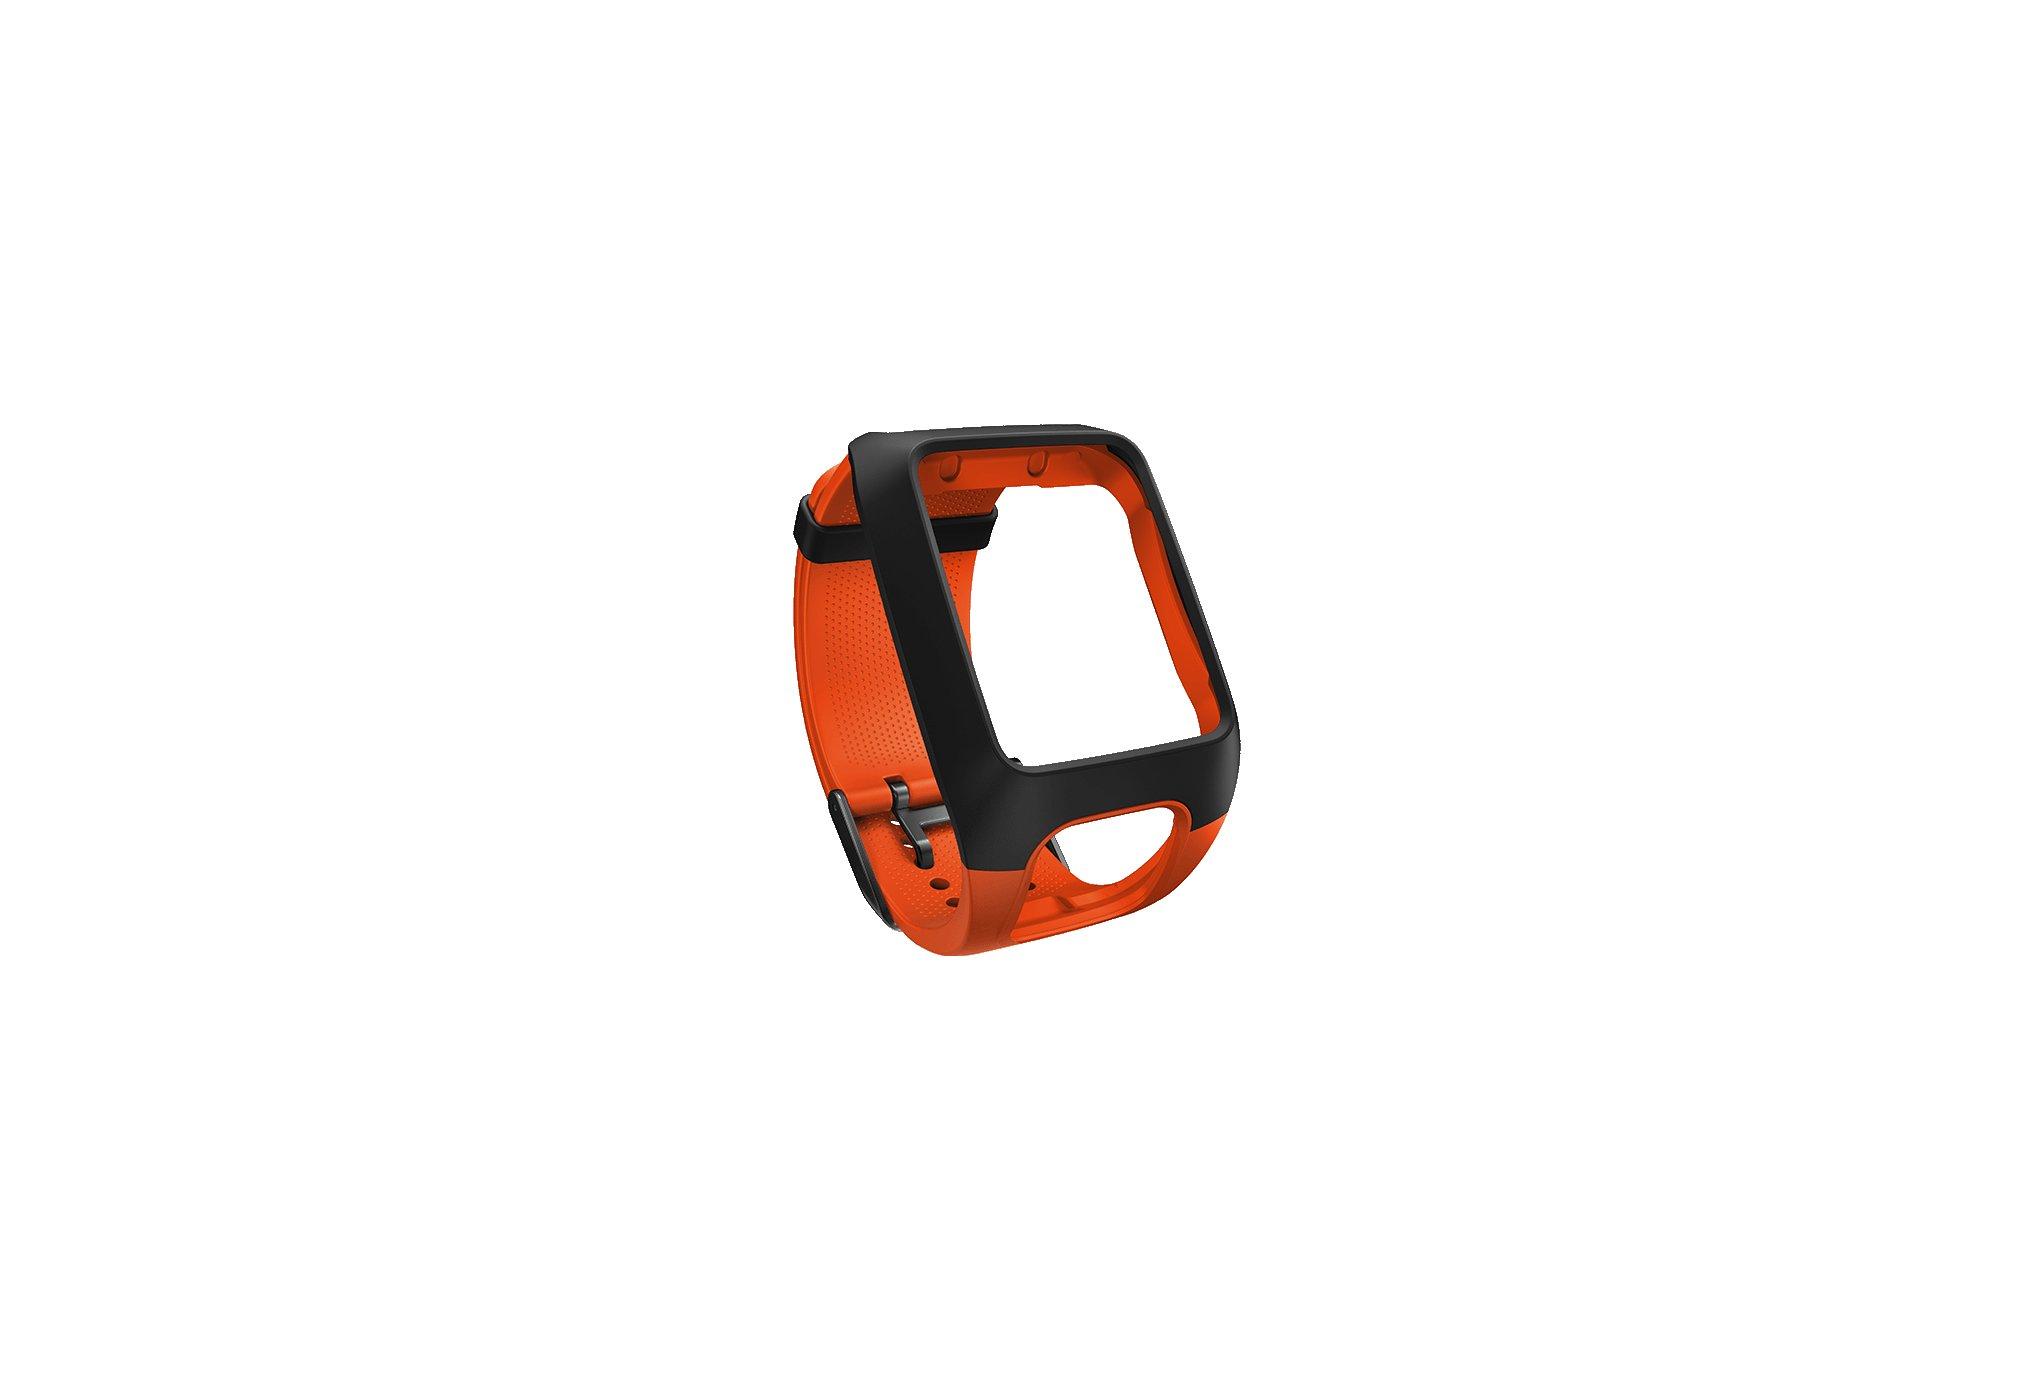 Tomtom Bracelet montre adventurer accessoires montres/ bracelets